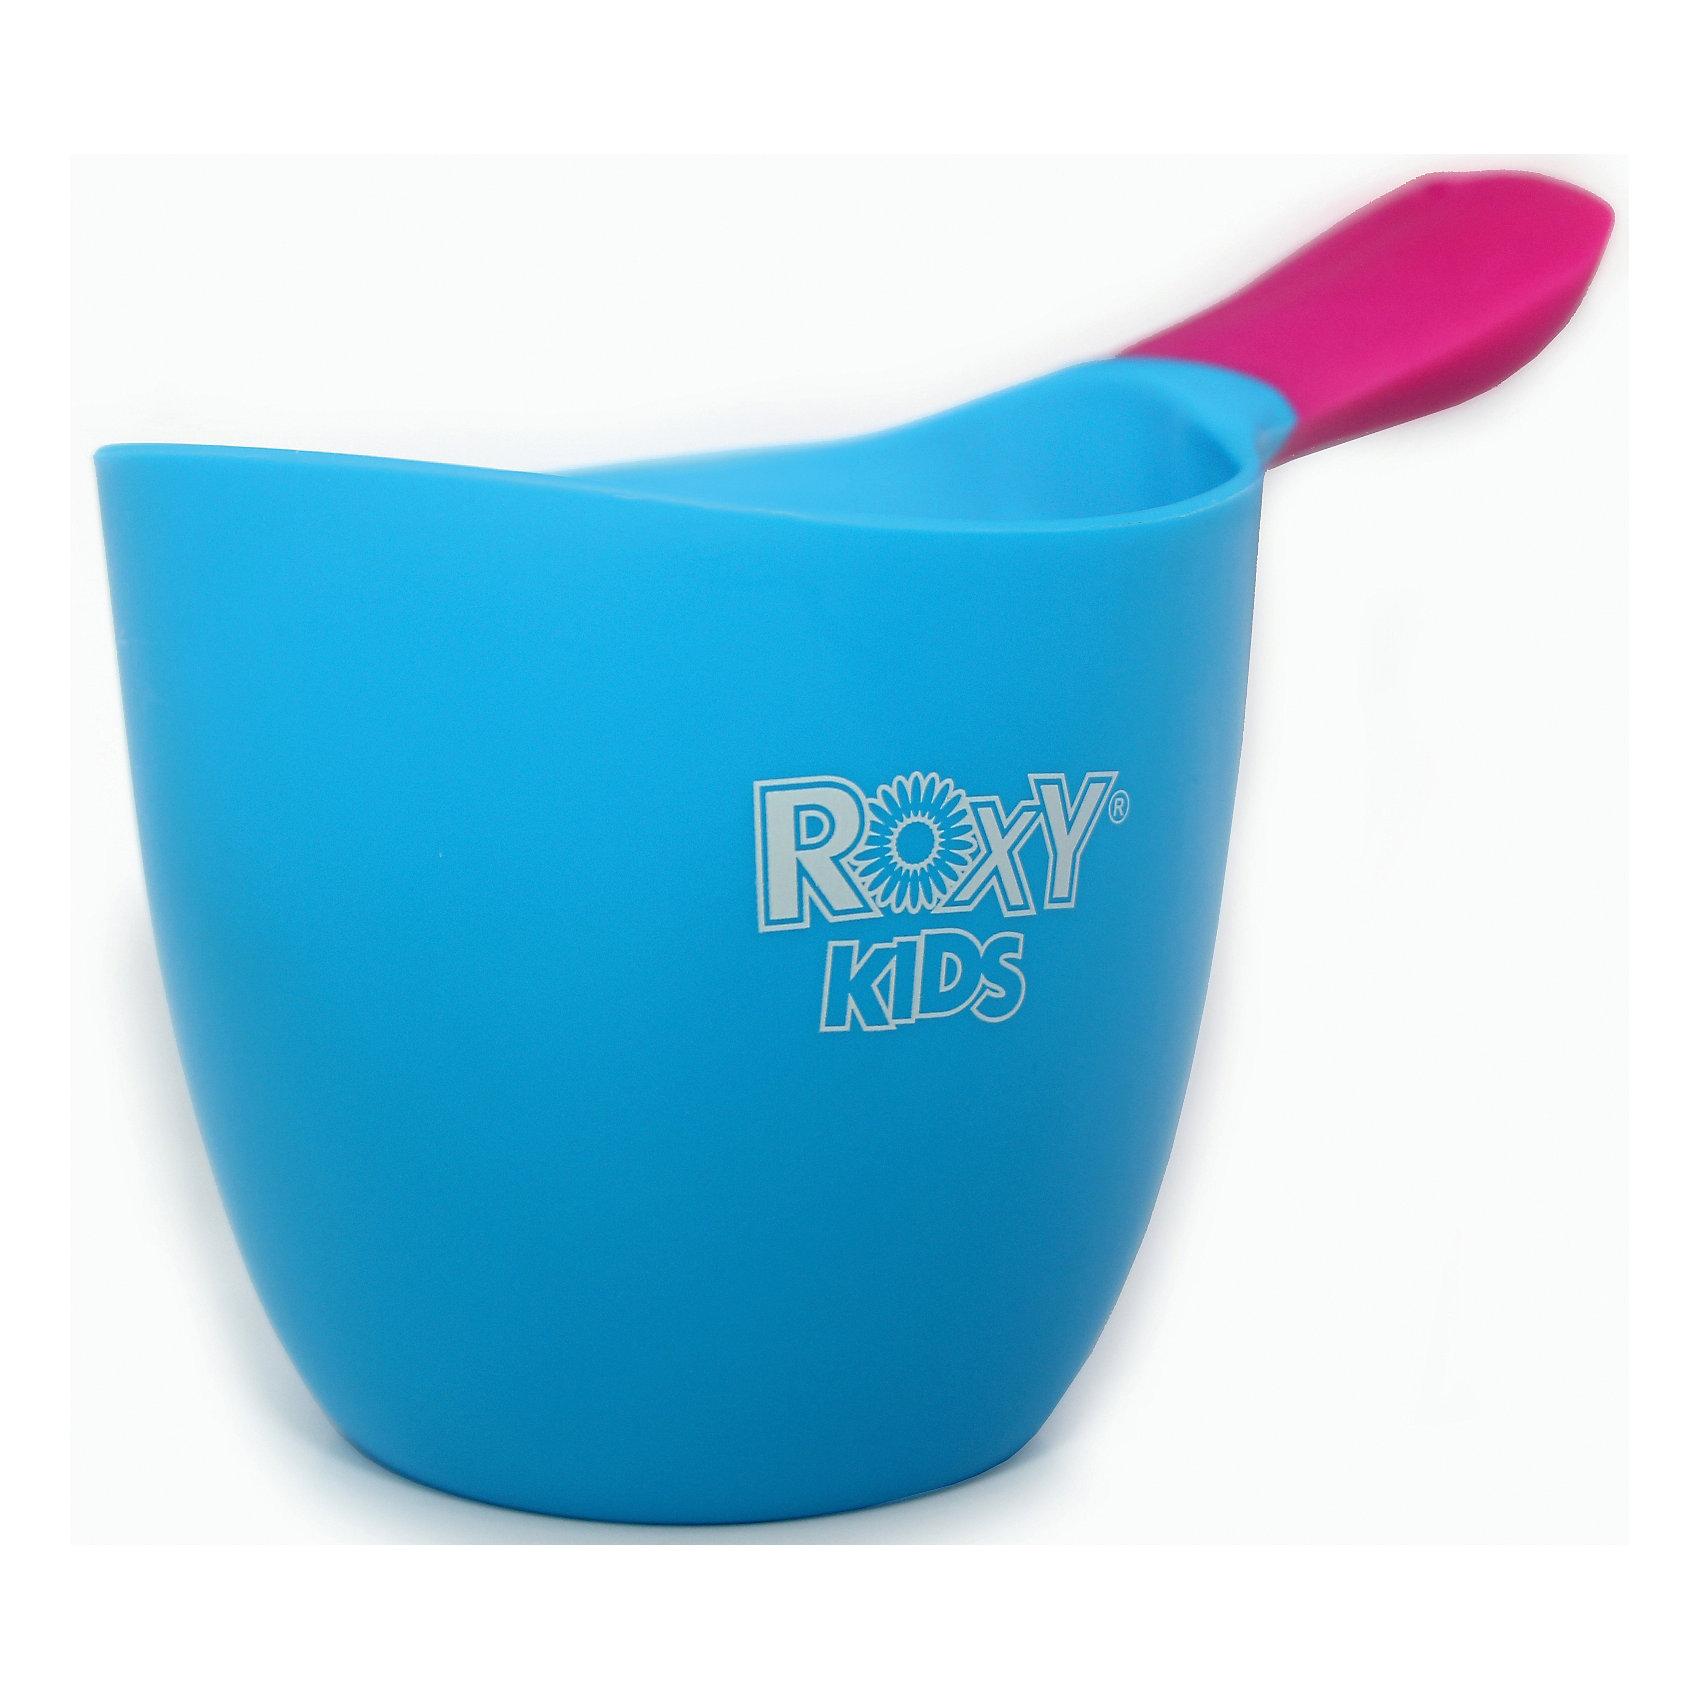 Roxy-Kids Ковшик для ванны, Roxy-kids, голубой roxy kids круг музыкальный на шею для купания flipper цвет розовый